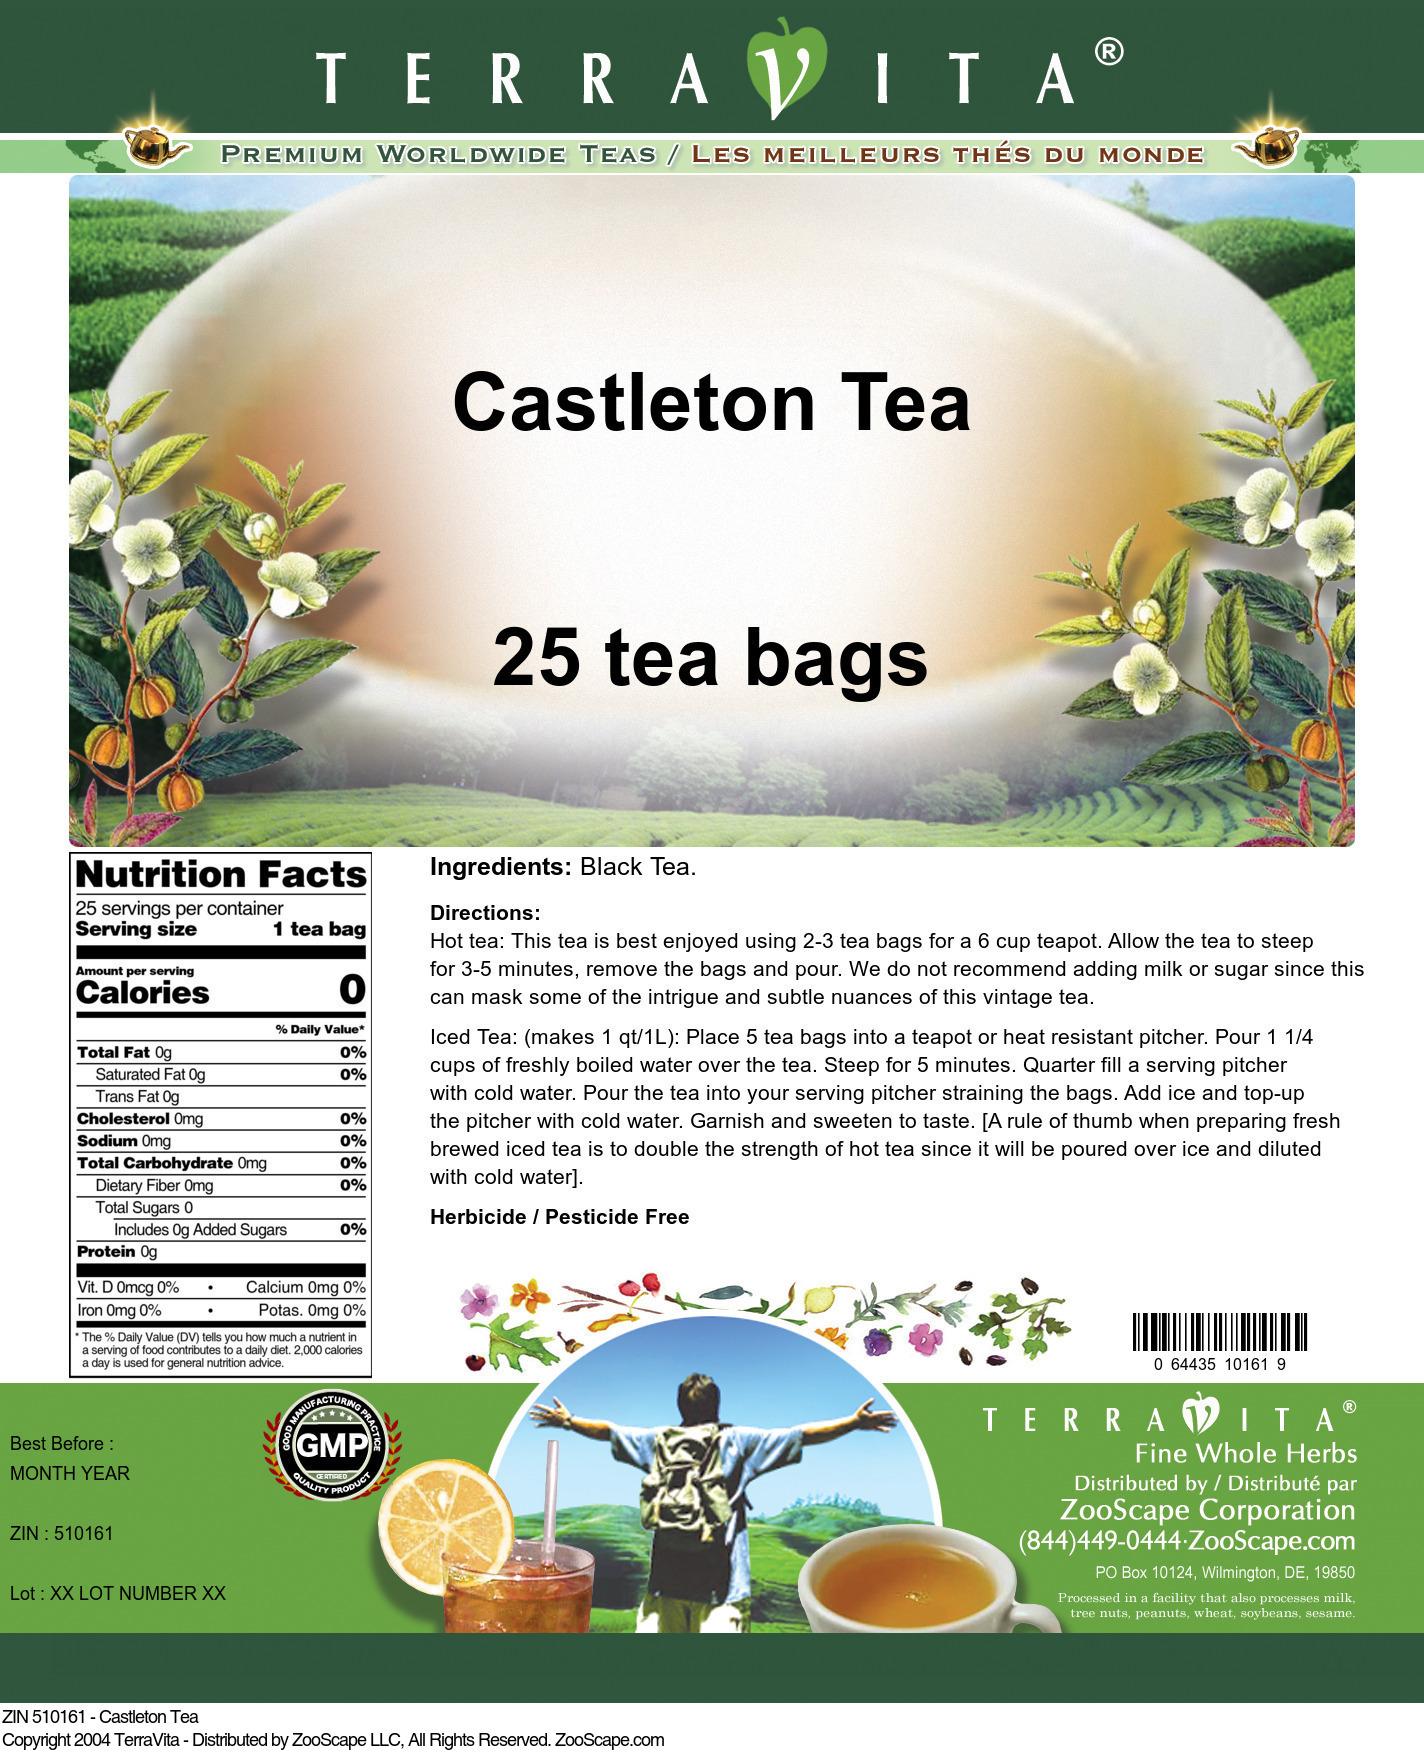 Castleton Tea